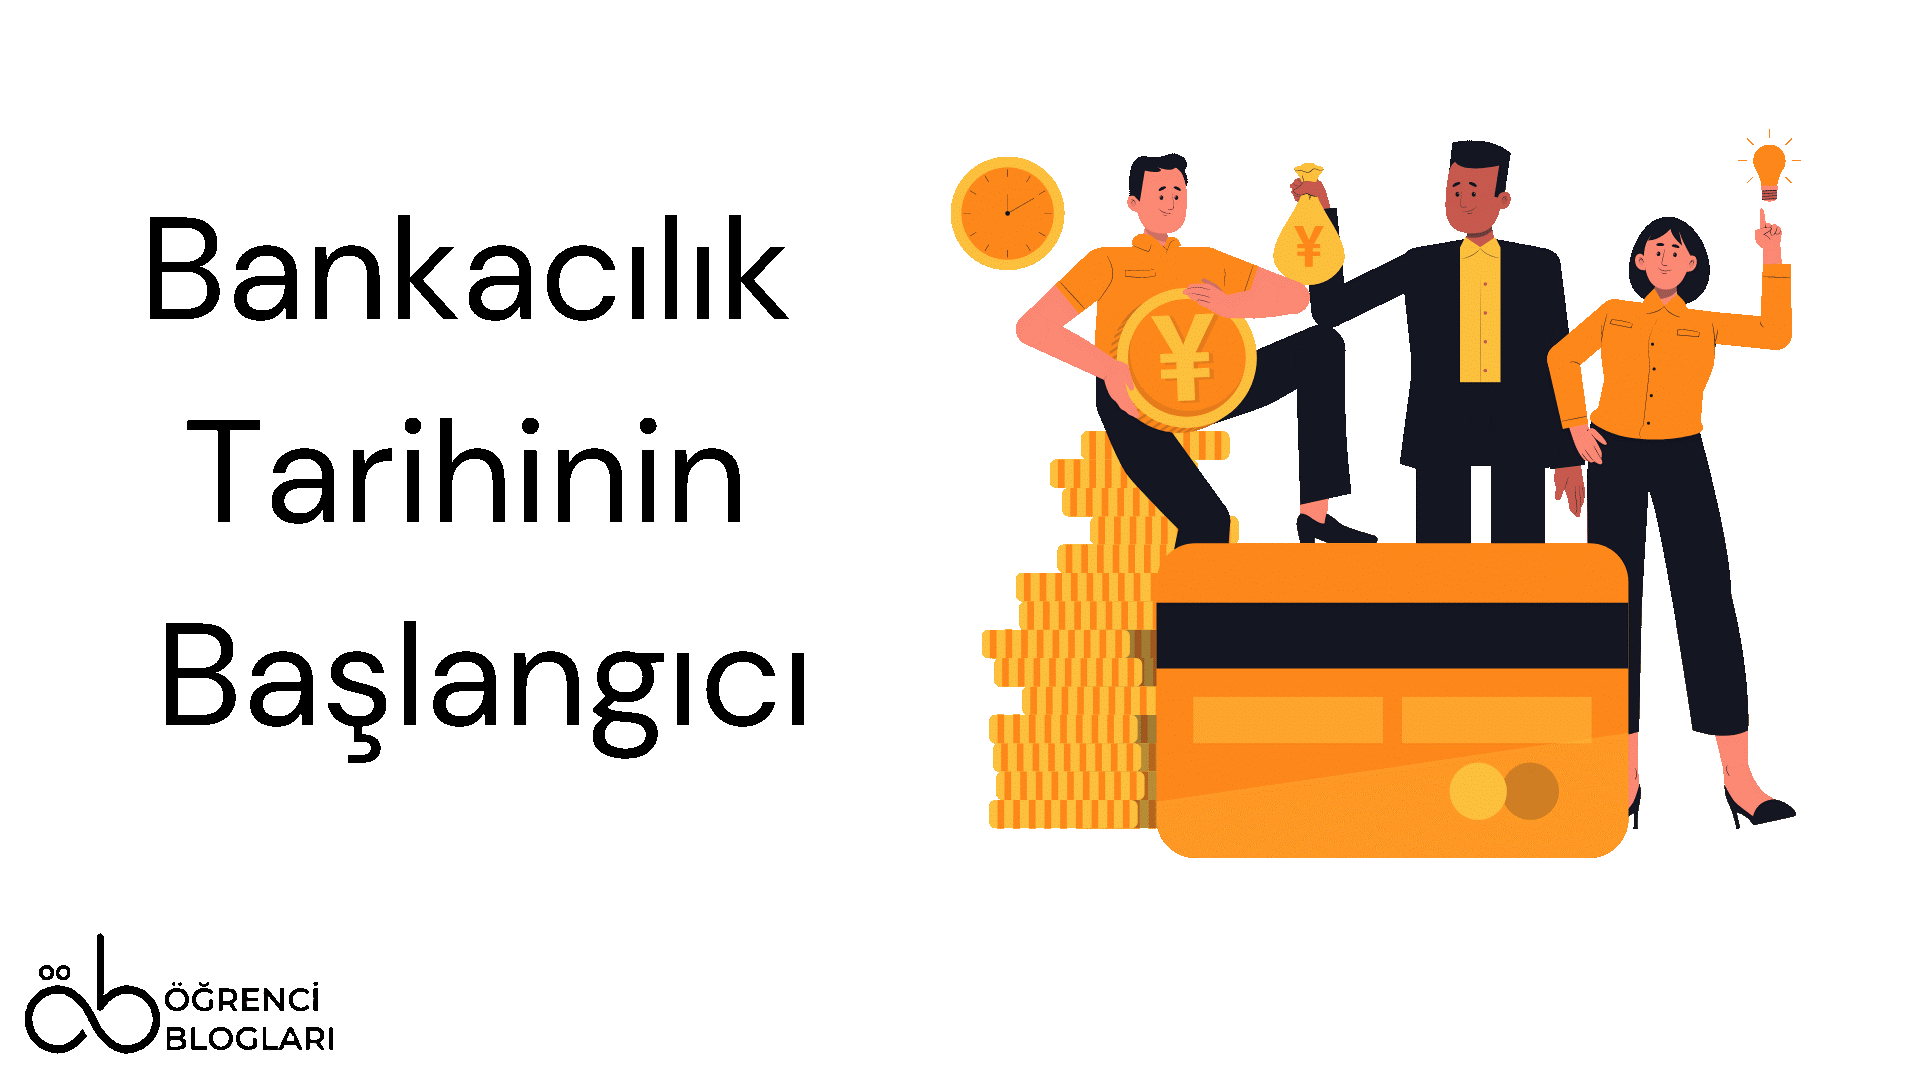 Bankacılık tarihinin başlangıcı